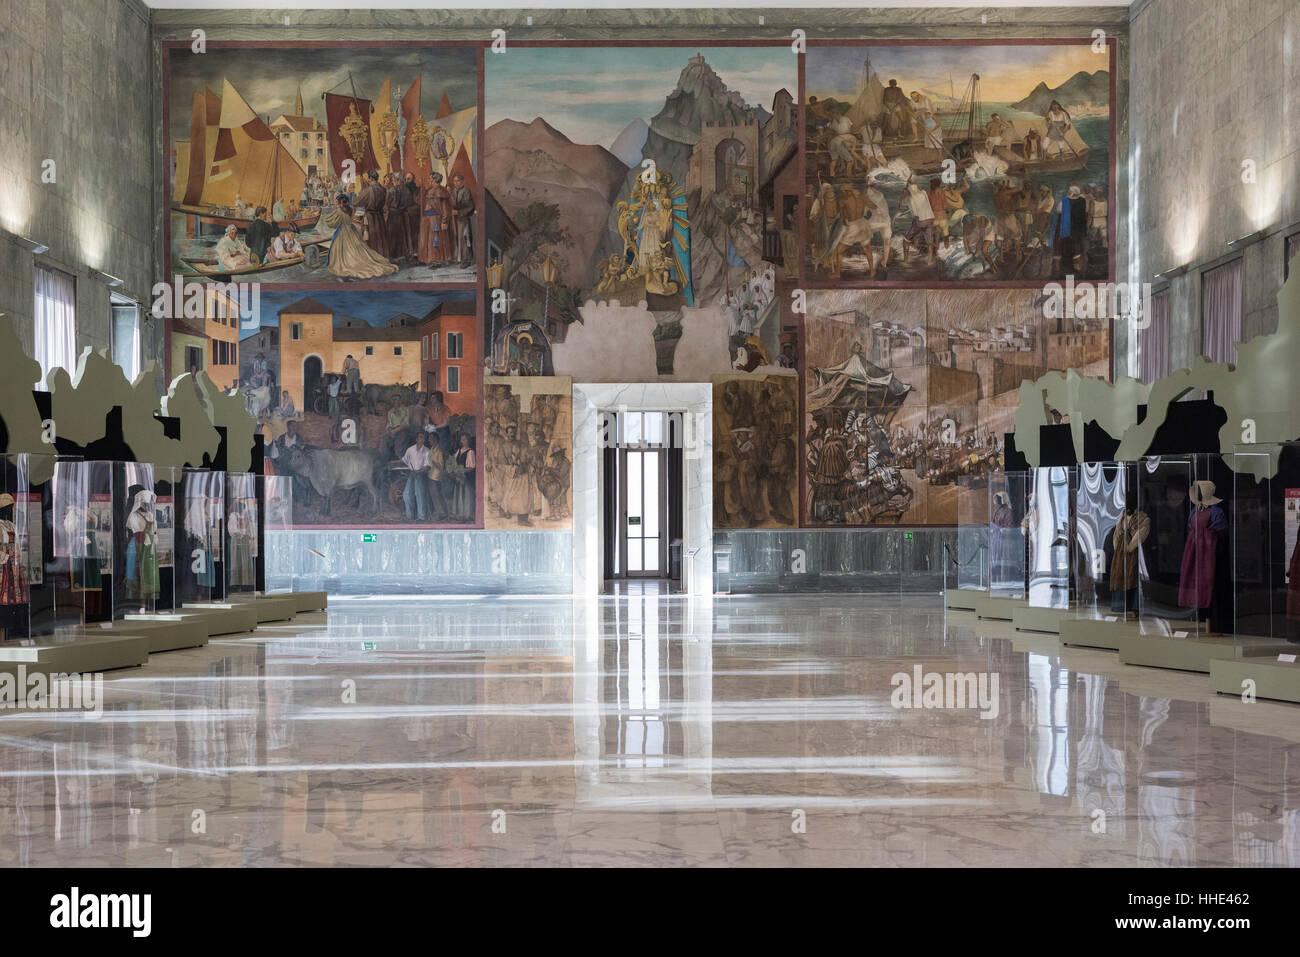 Roma. L'Italia. Museo Nazionale delle Arti e Tradizioni Popolari, il Salone d'onore, con affreschi raffiguranti Immagini Stock